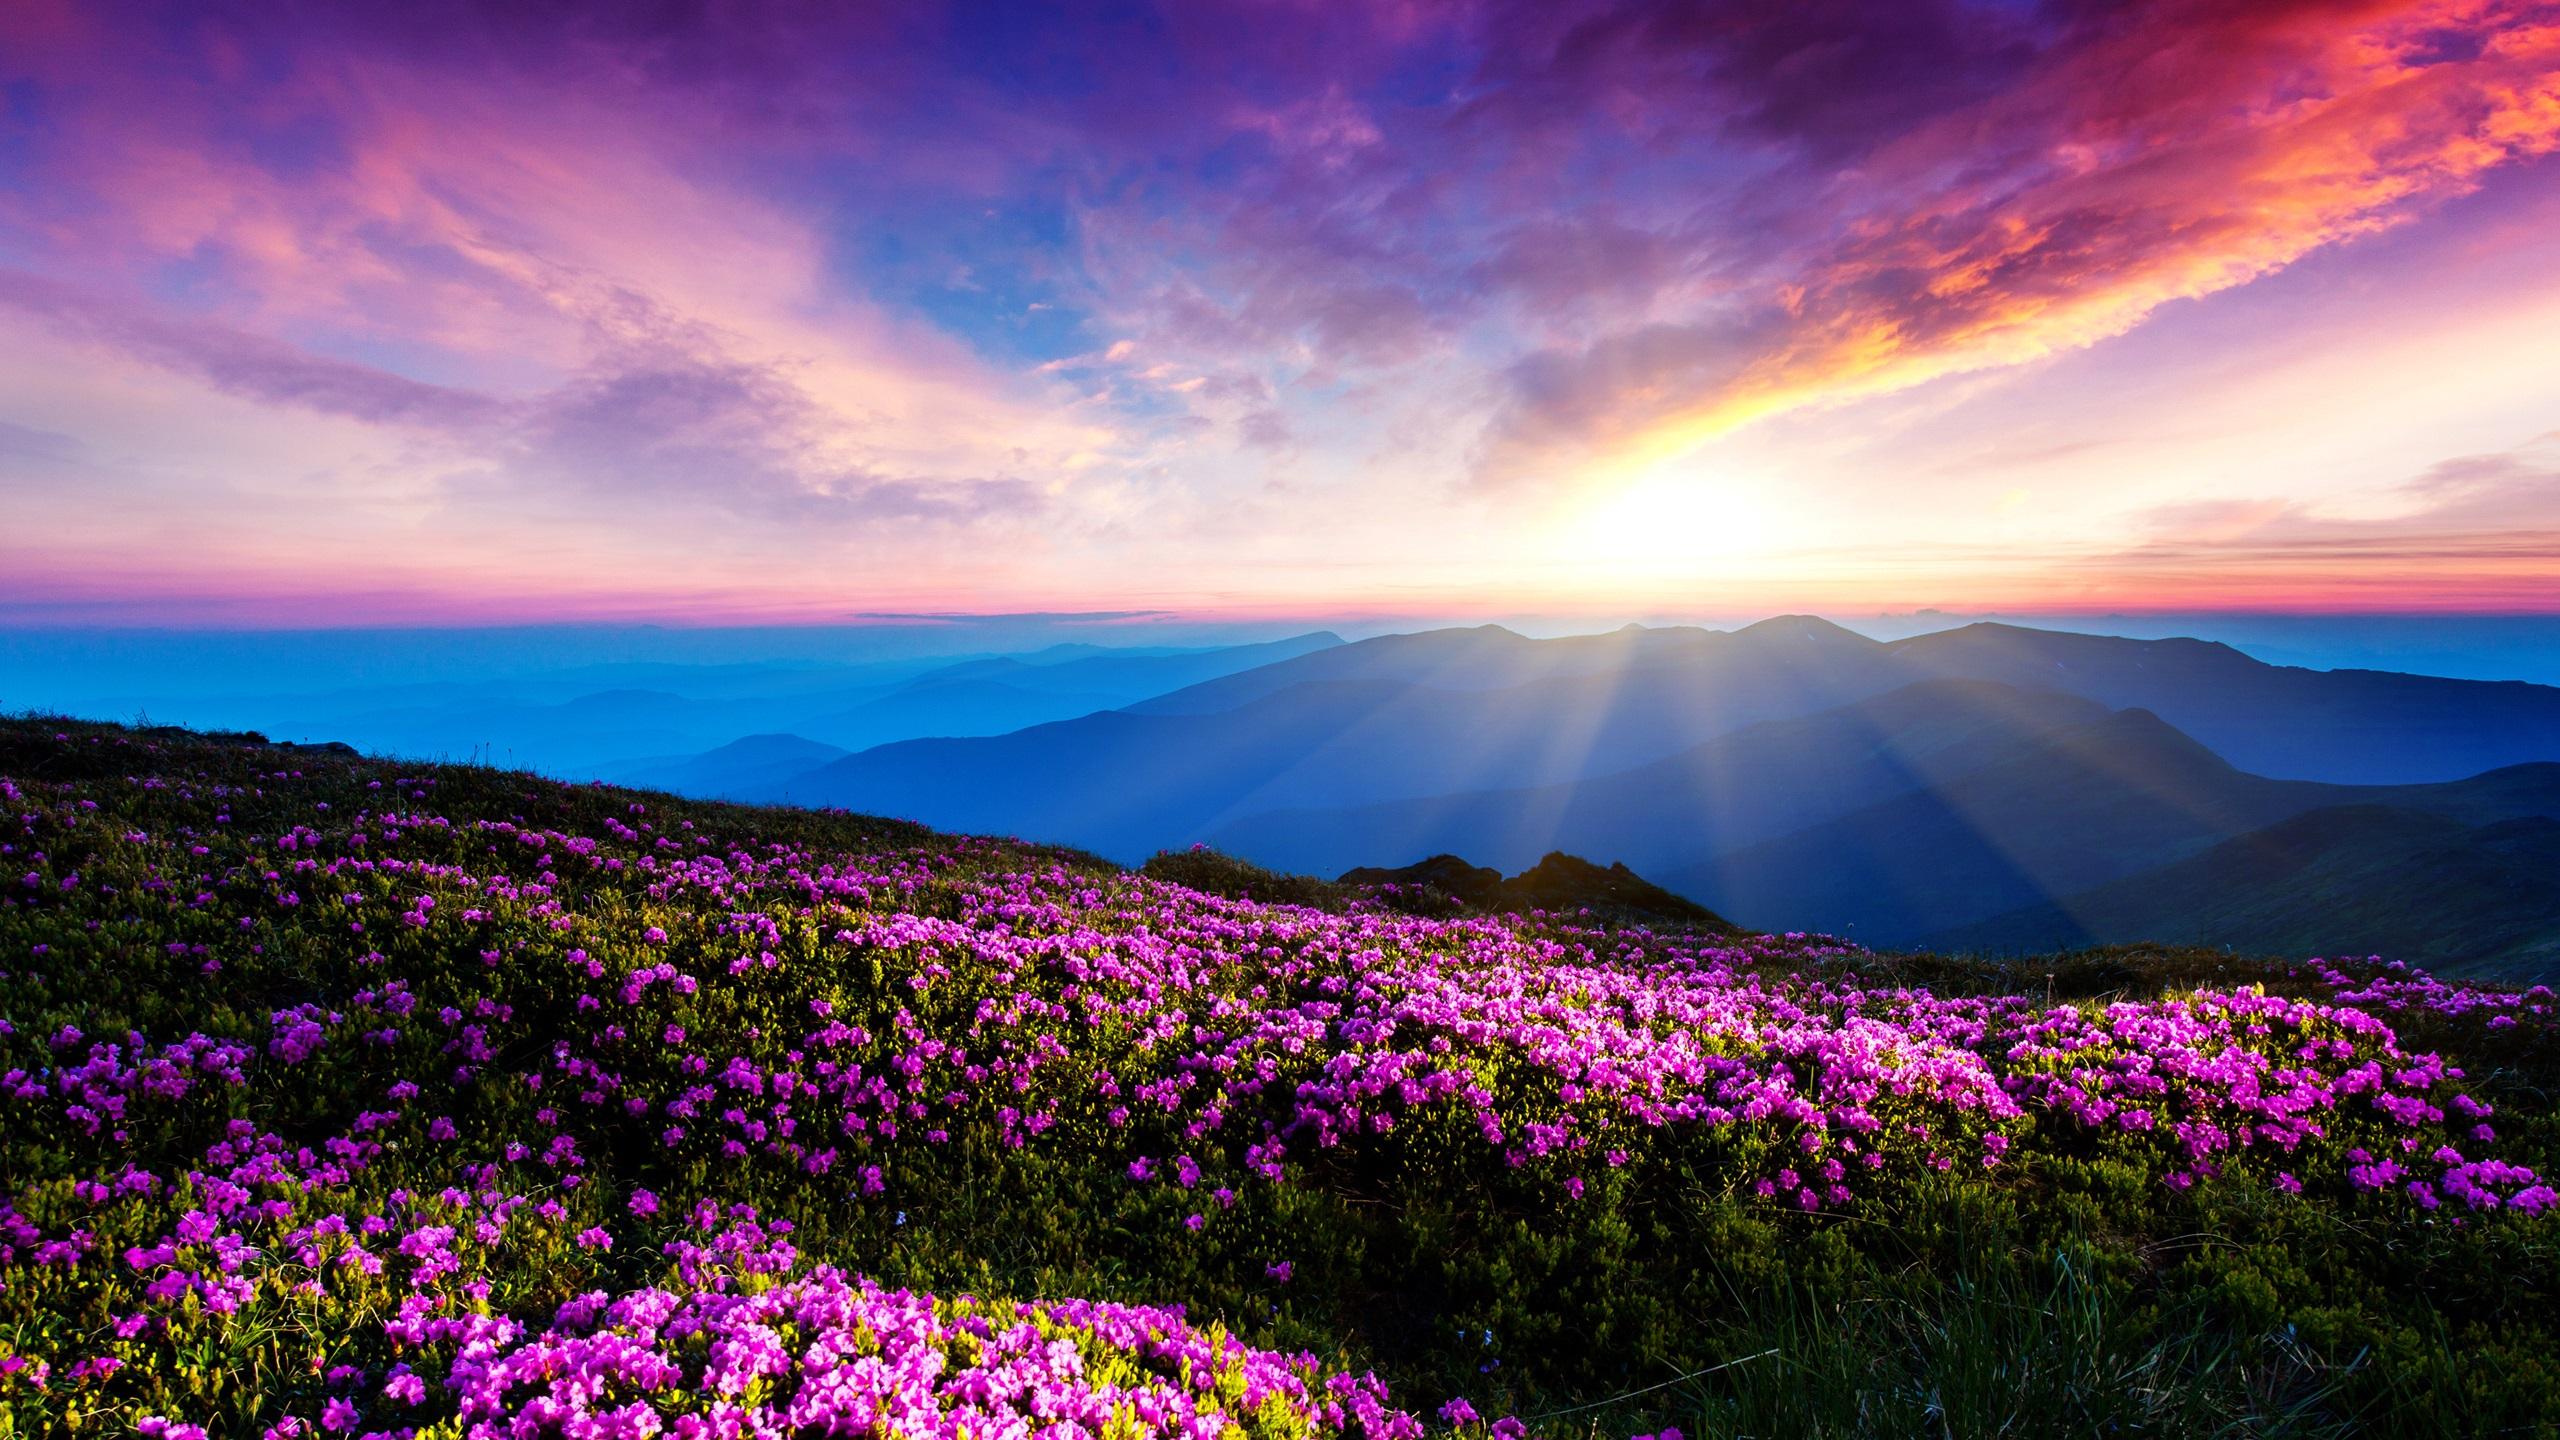 Весенний Пейзаж Бесплатные изображения на Pixabay